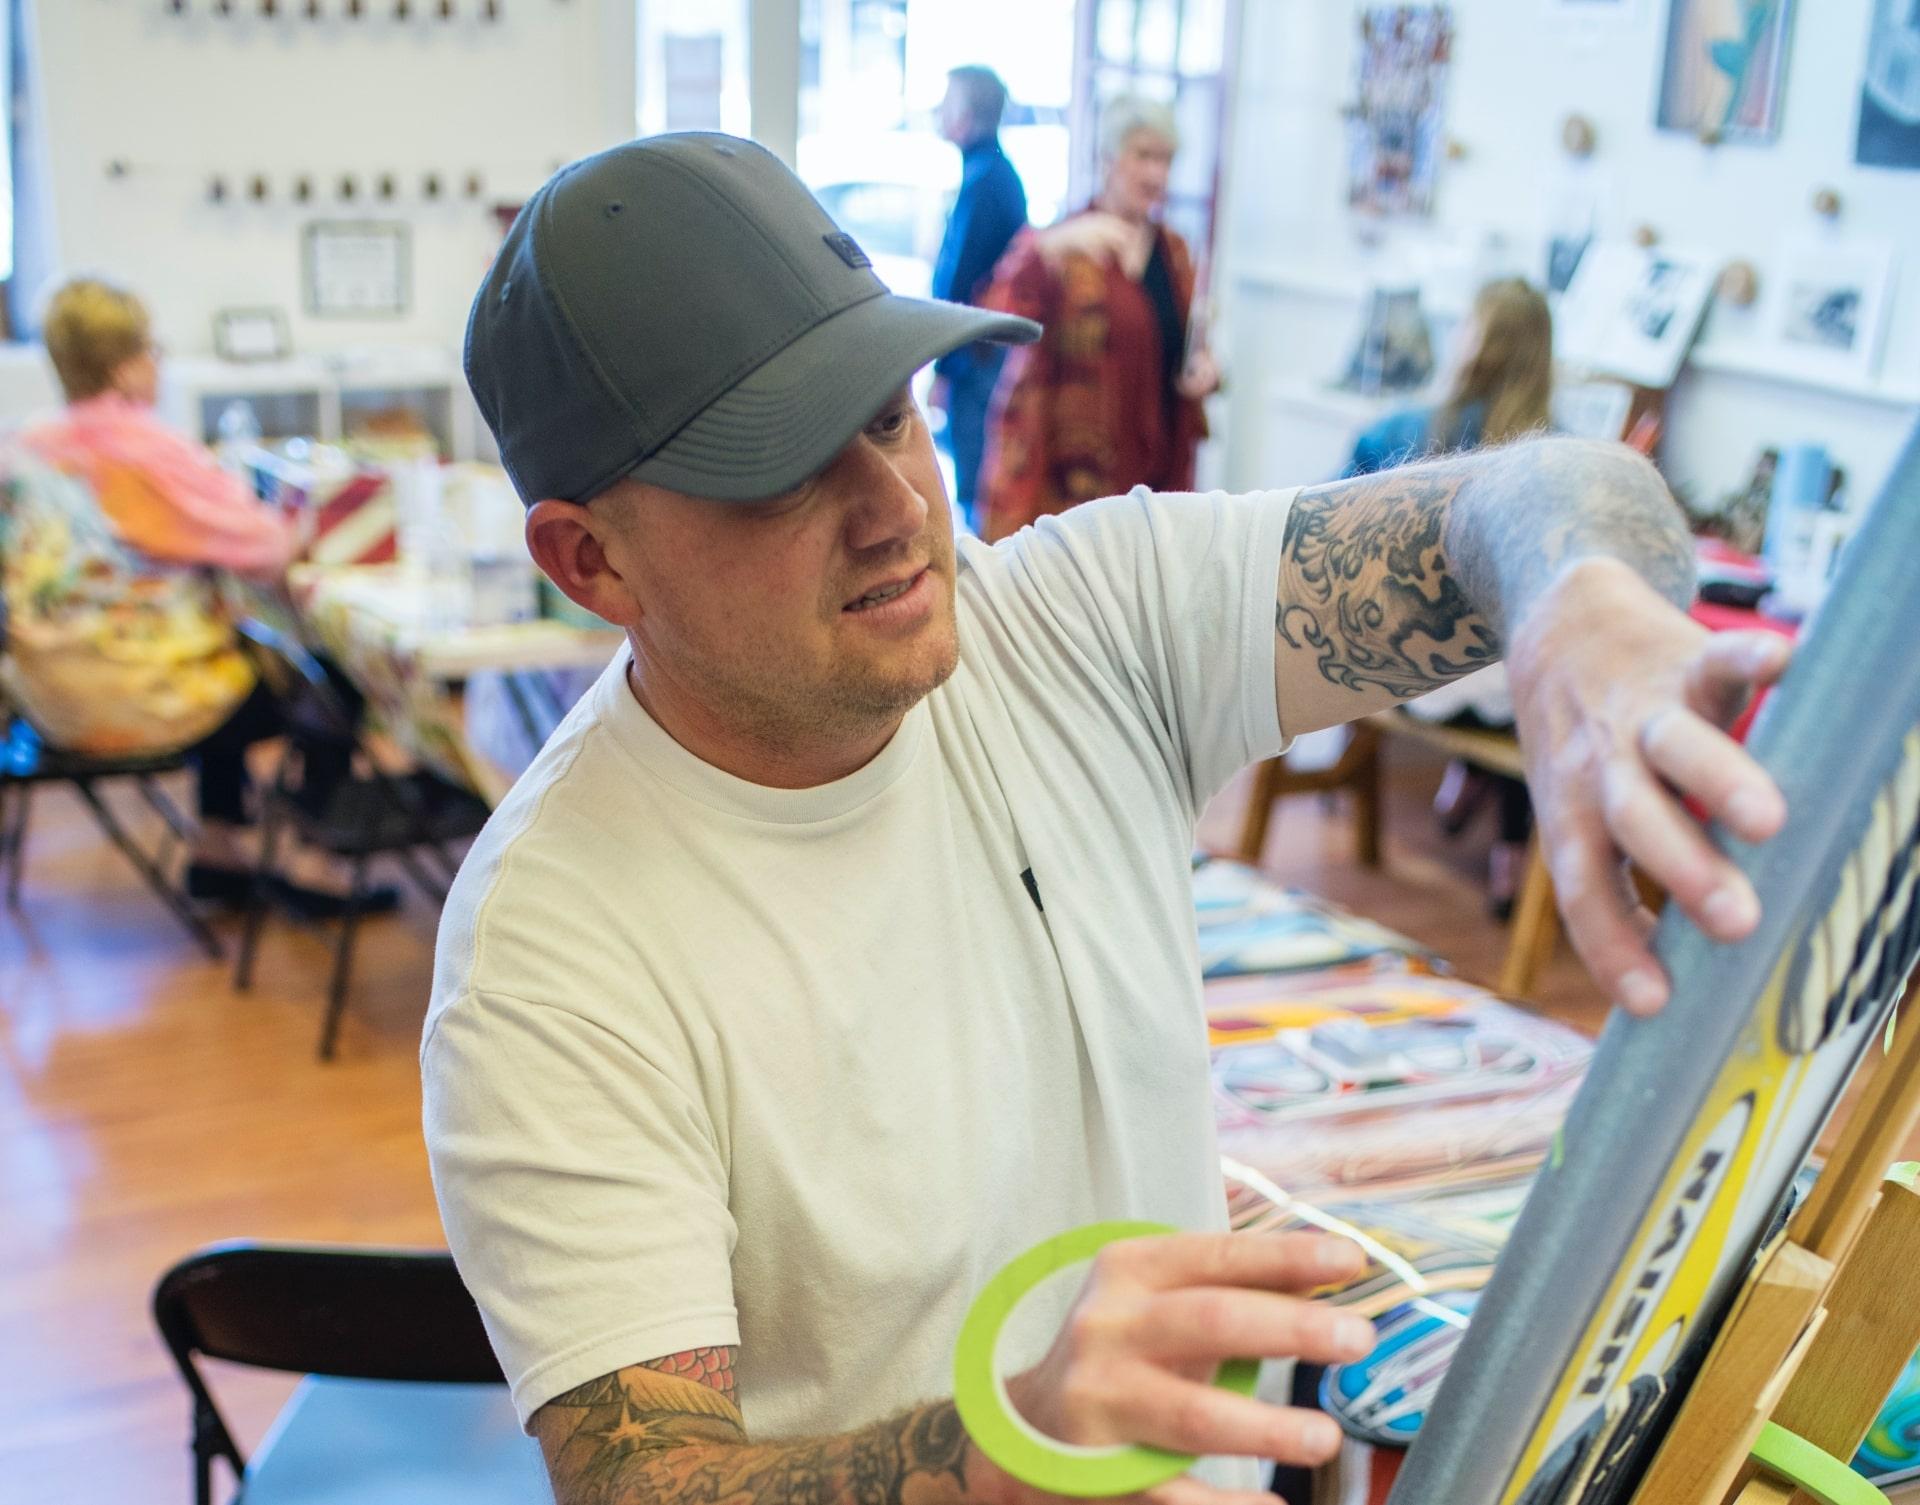 Artist Sylas Jumper working in art workshop